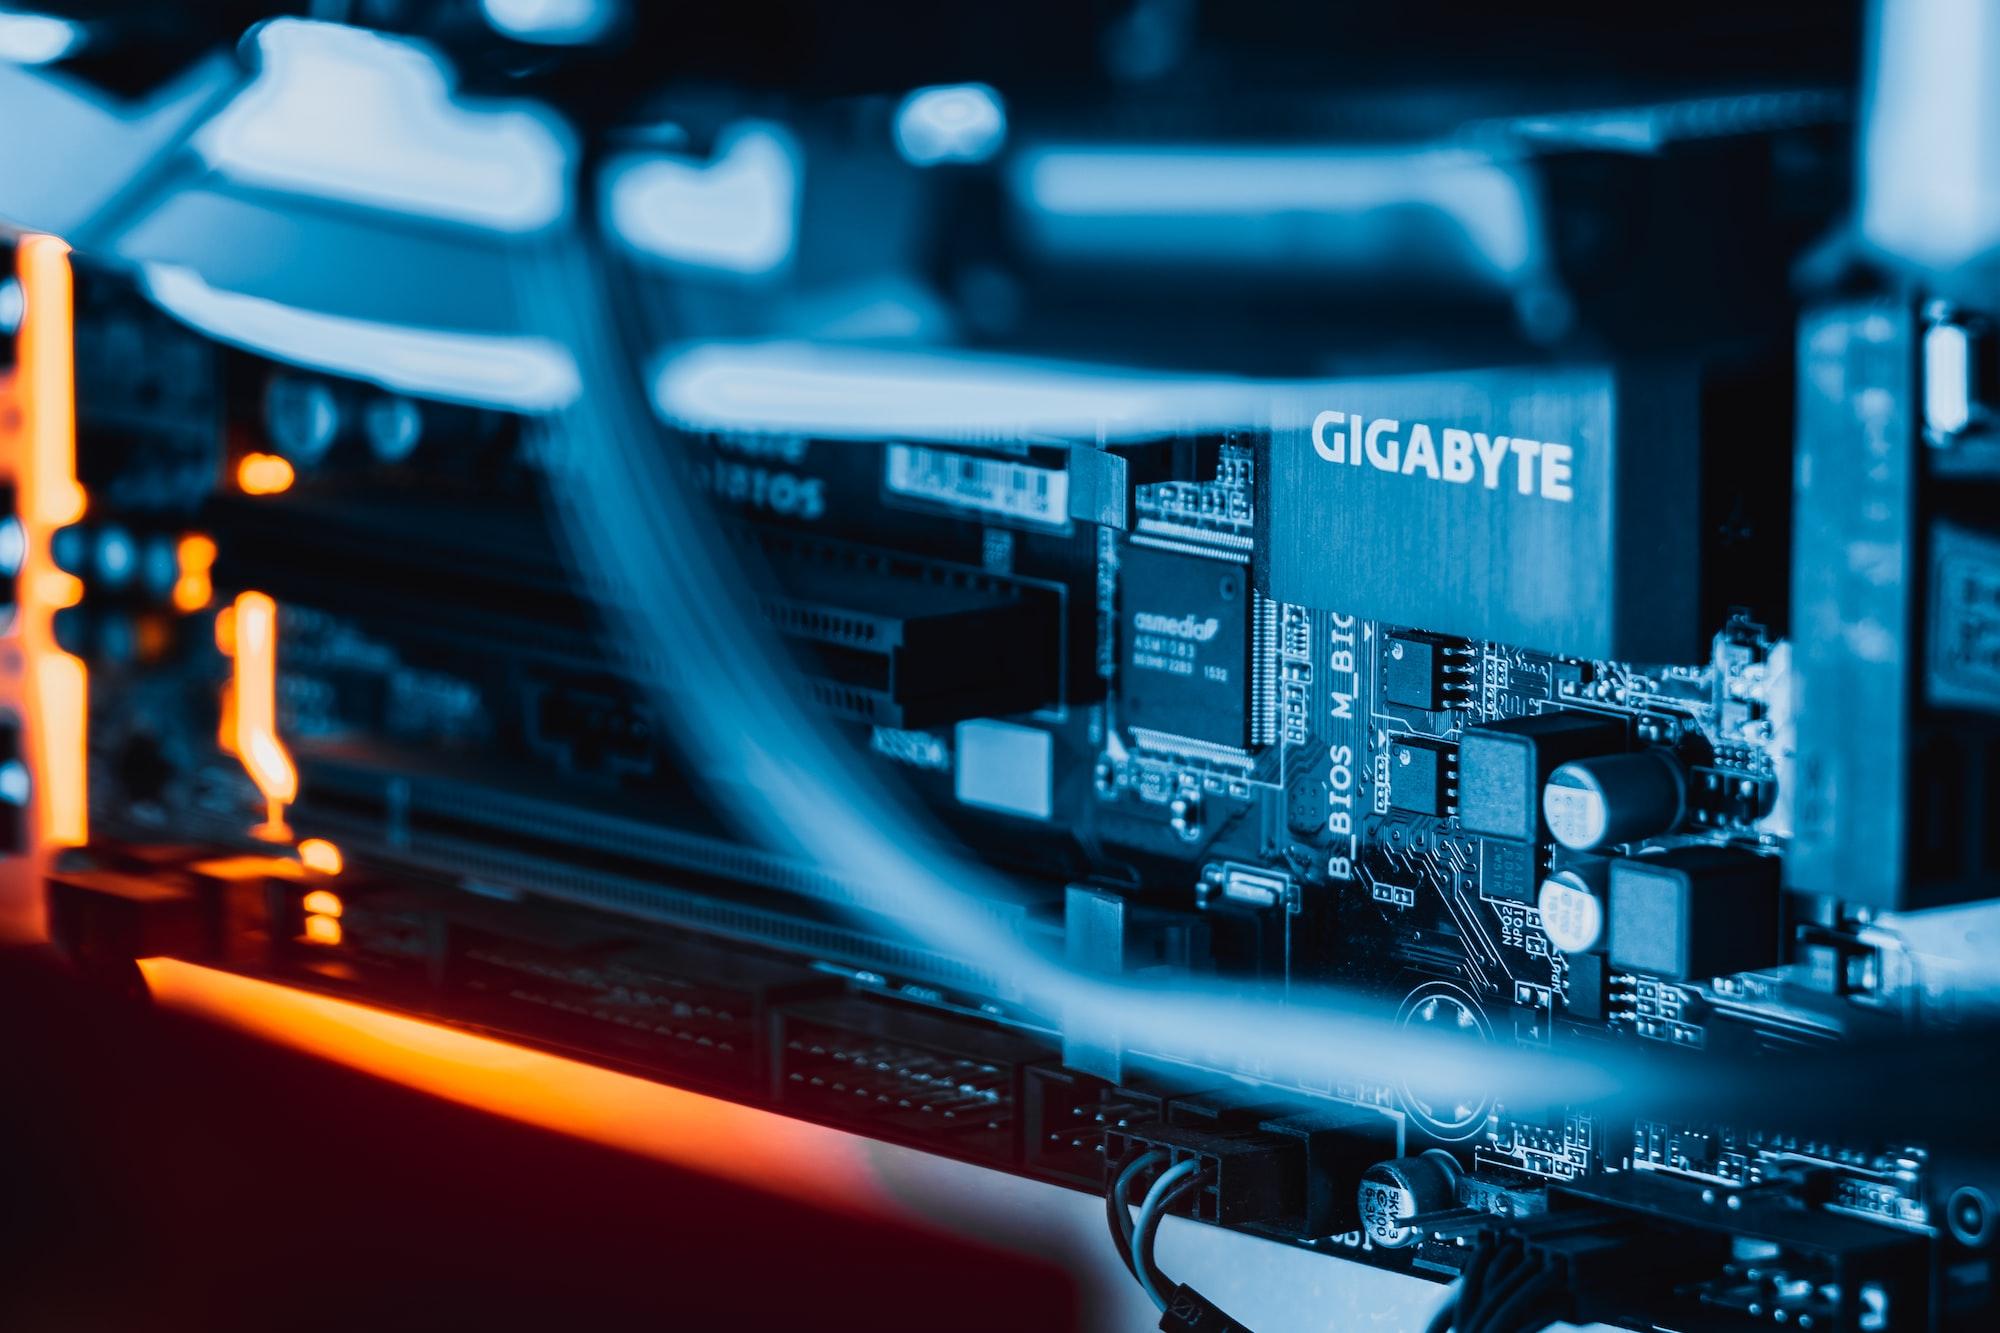 Establish SSH Access to Remote Server